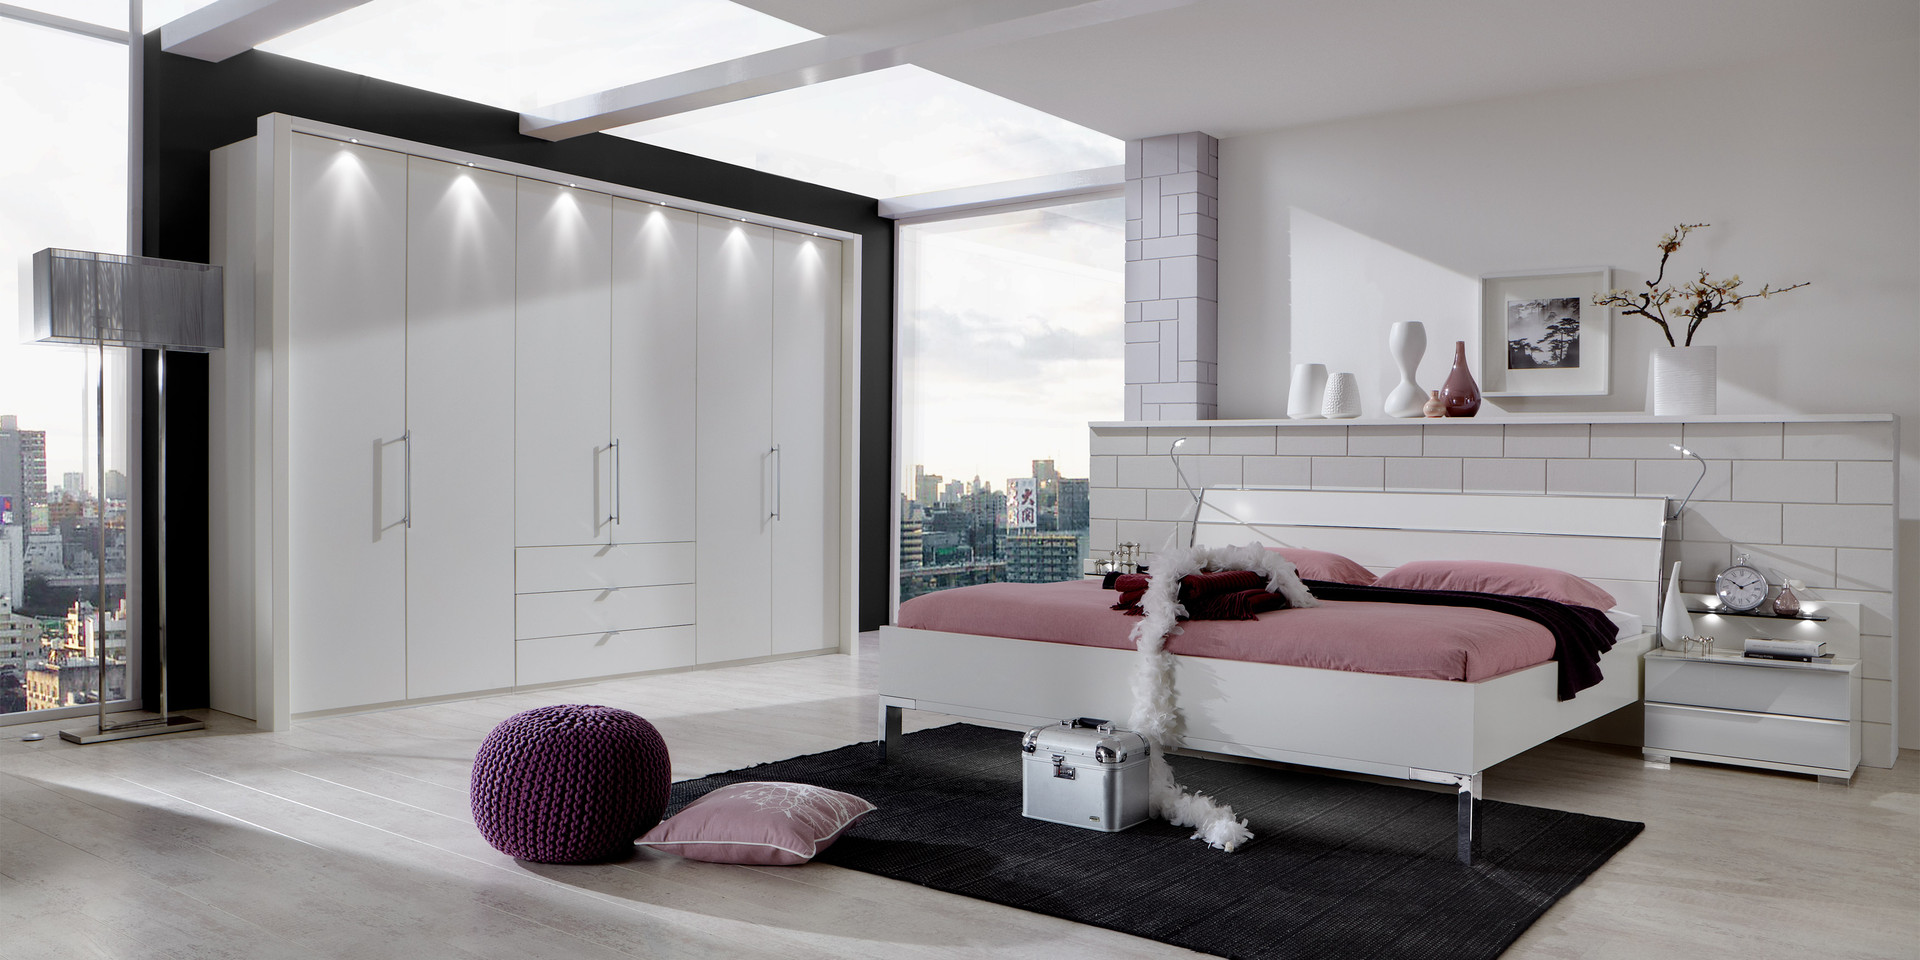 entdecken sie hier das programm loft m belhersteller wiemann. Black Bedroom Furniture Sets. Home Design Ideas